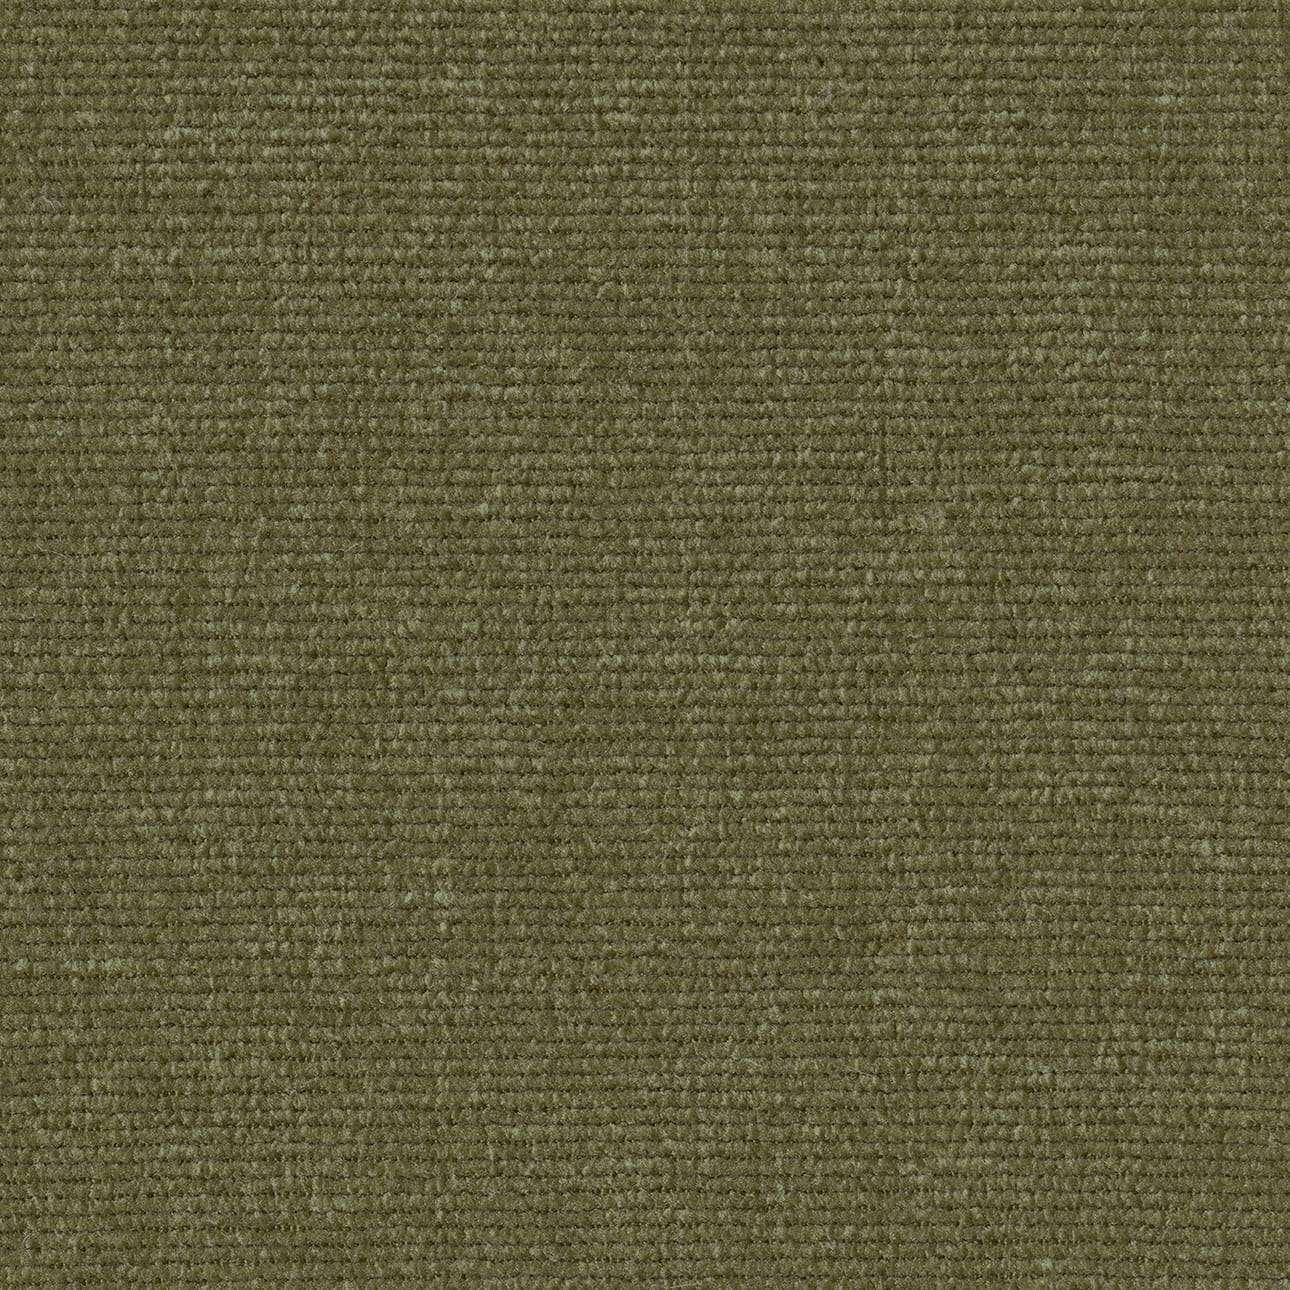 Pokrowiec na fotel Ekeskog w kolekcji Living, tkanina: 160-80